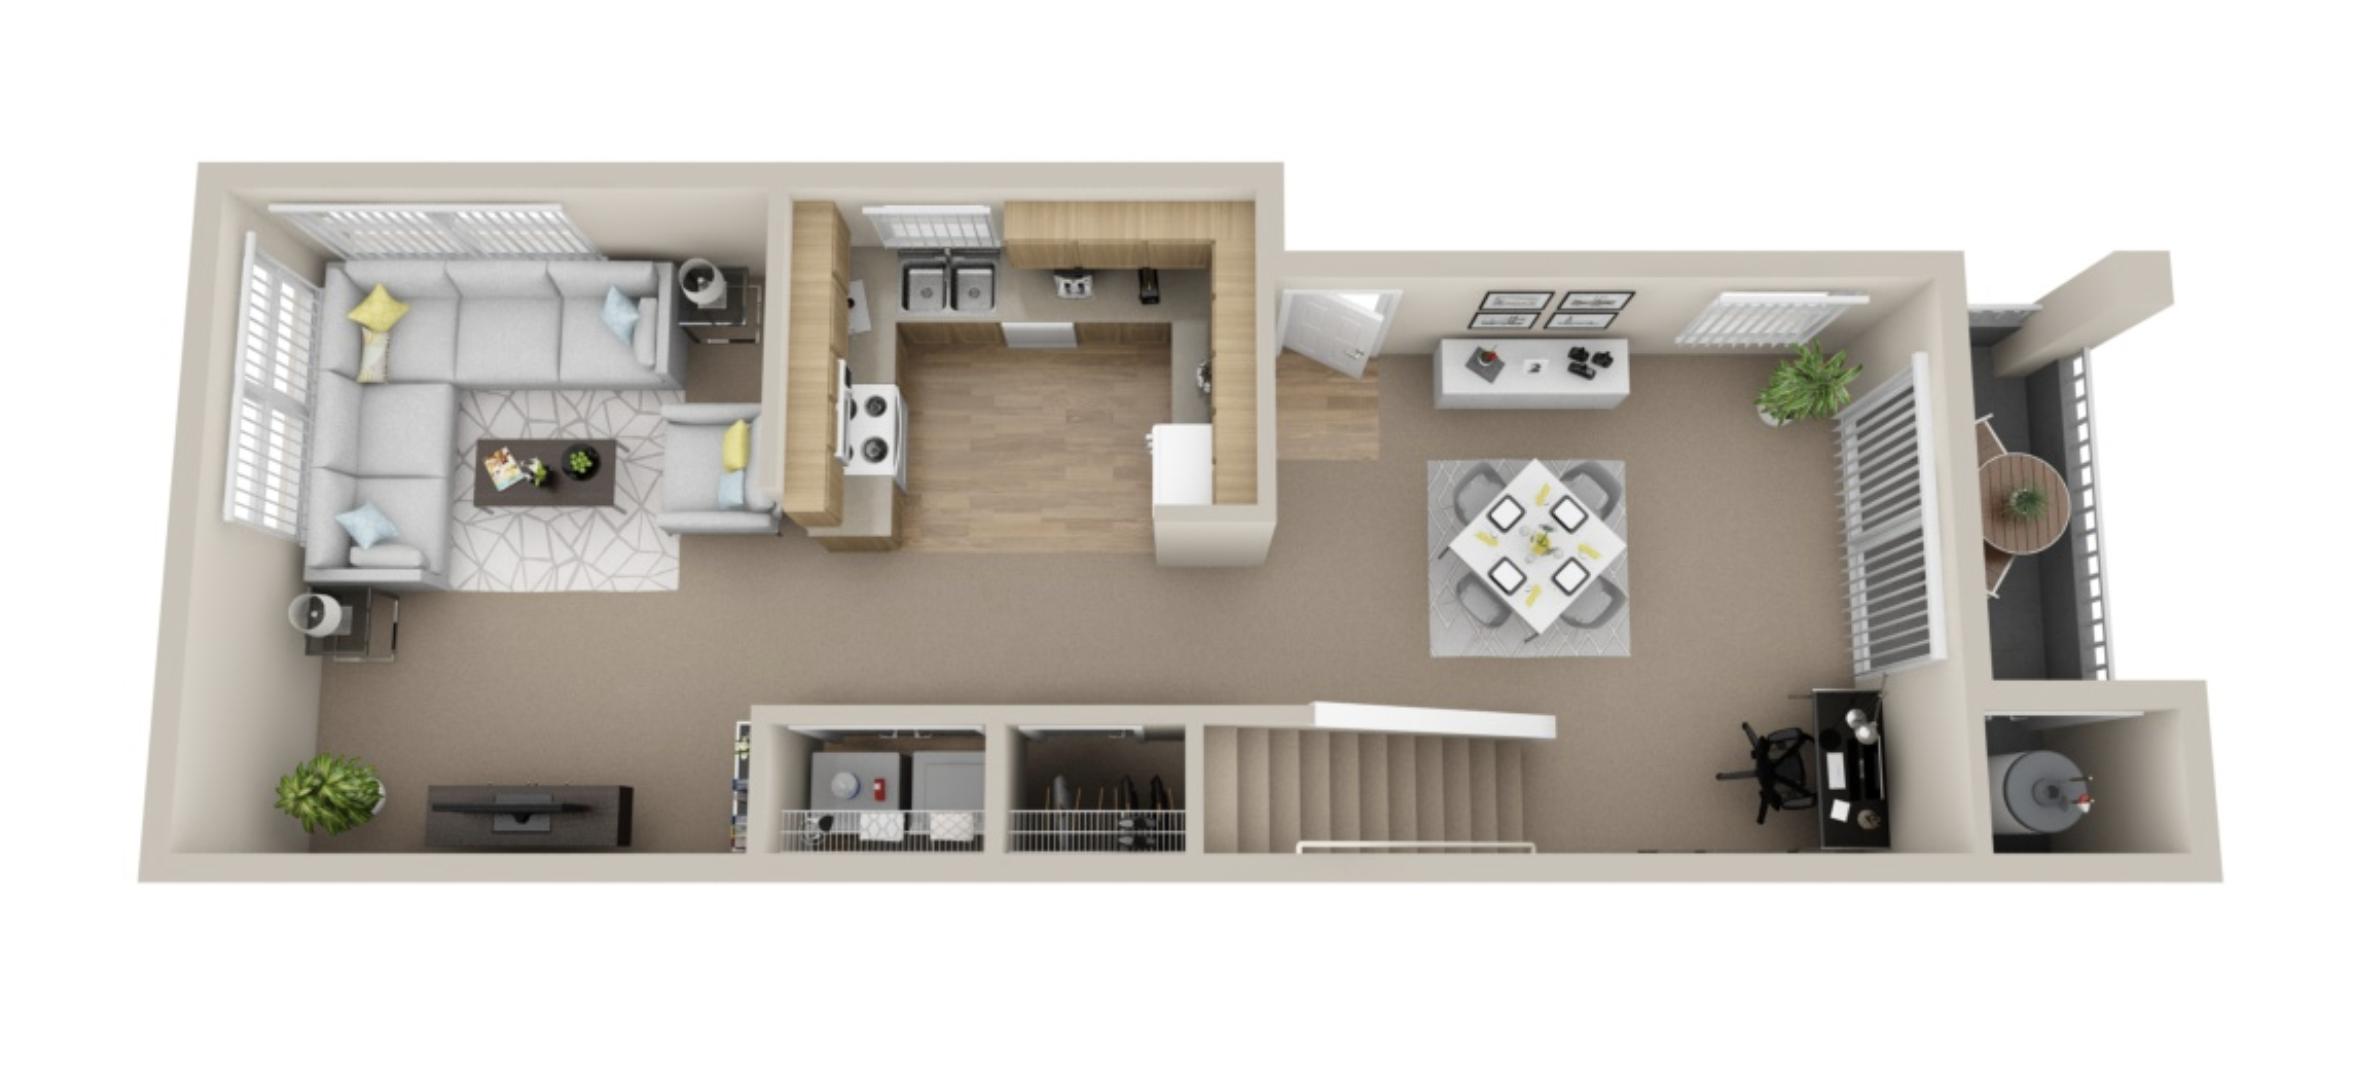 2 bedroom, 2 bath 1st floor Townhome - 1,033 sqft*